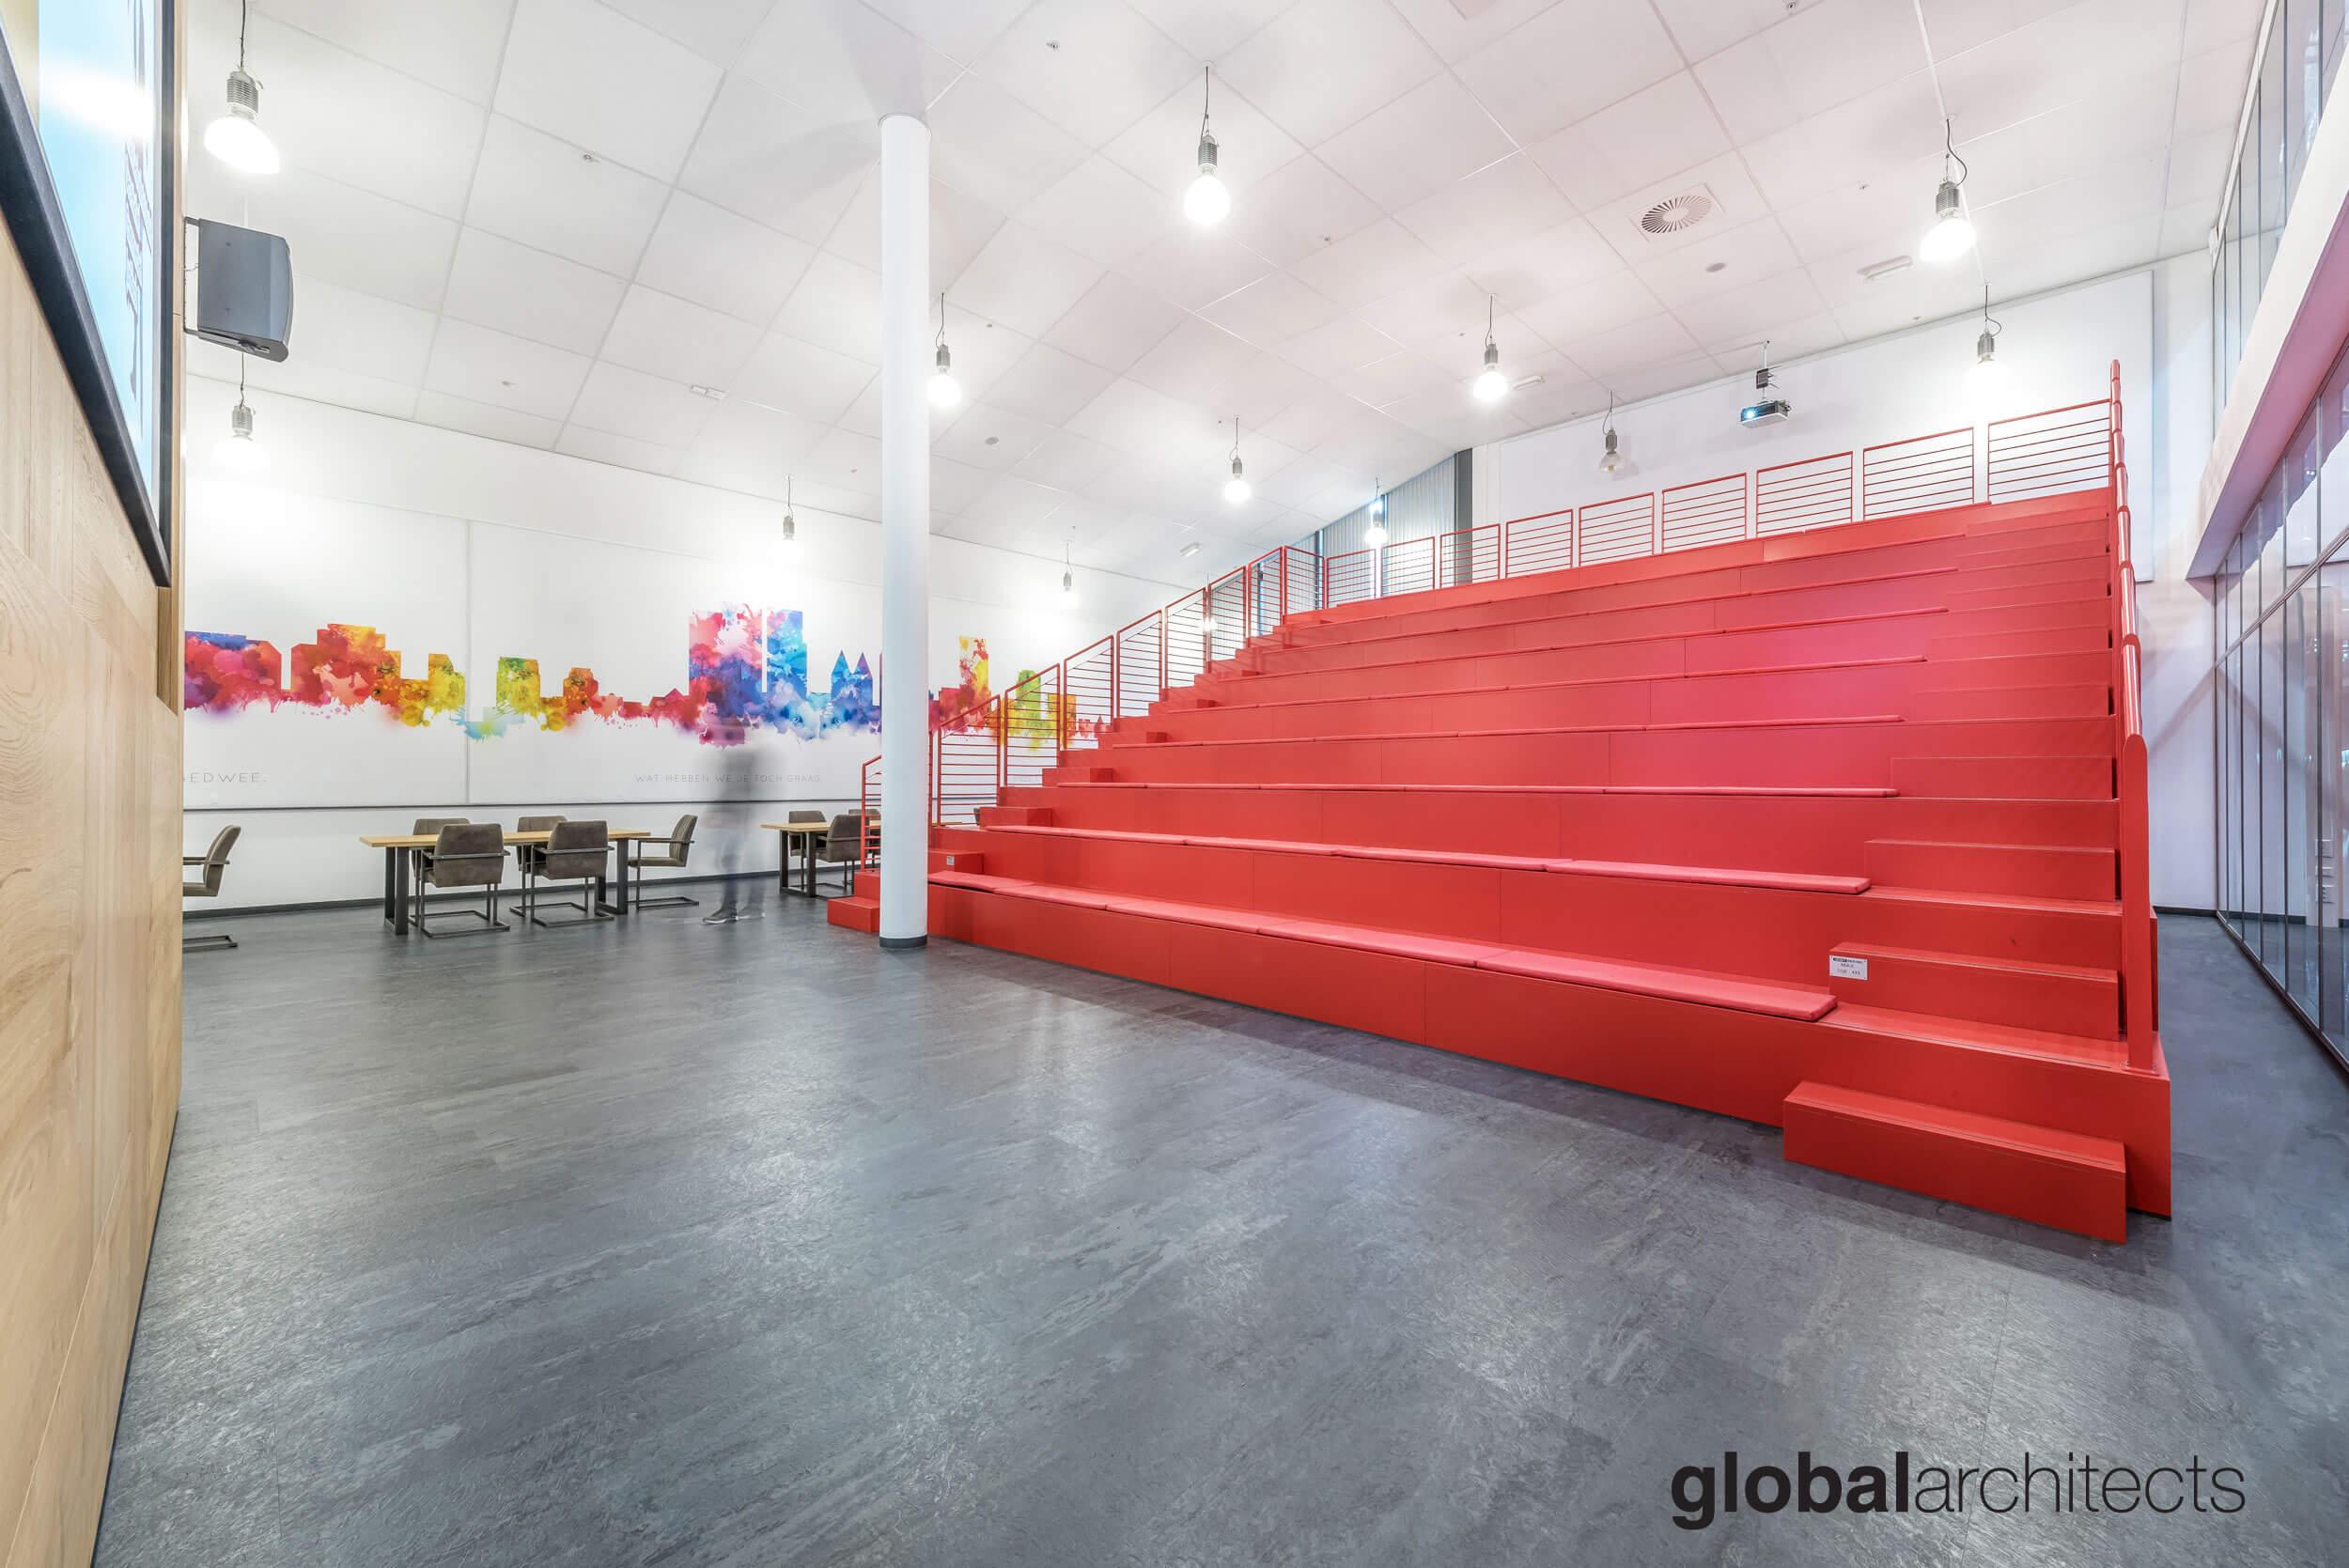 Architectenbureau Den Haag : Roc mondriaan interieur ontwerp architect architectenbureau